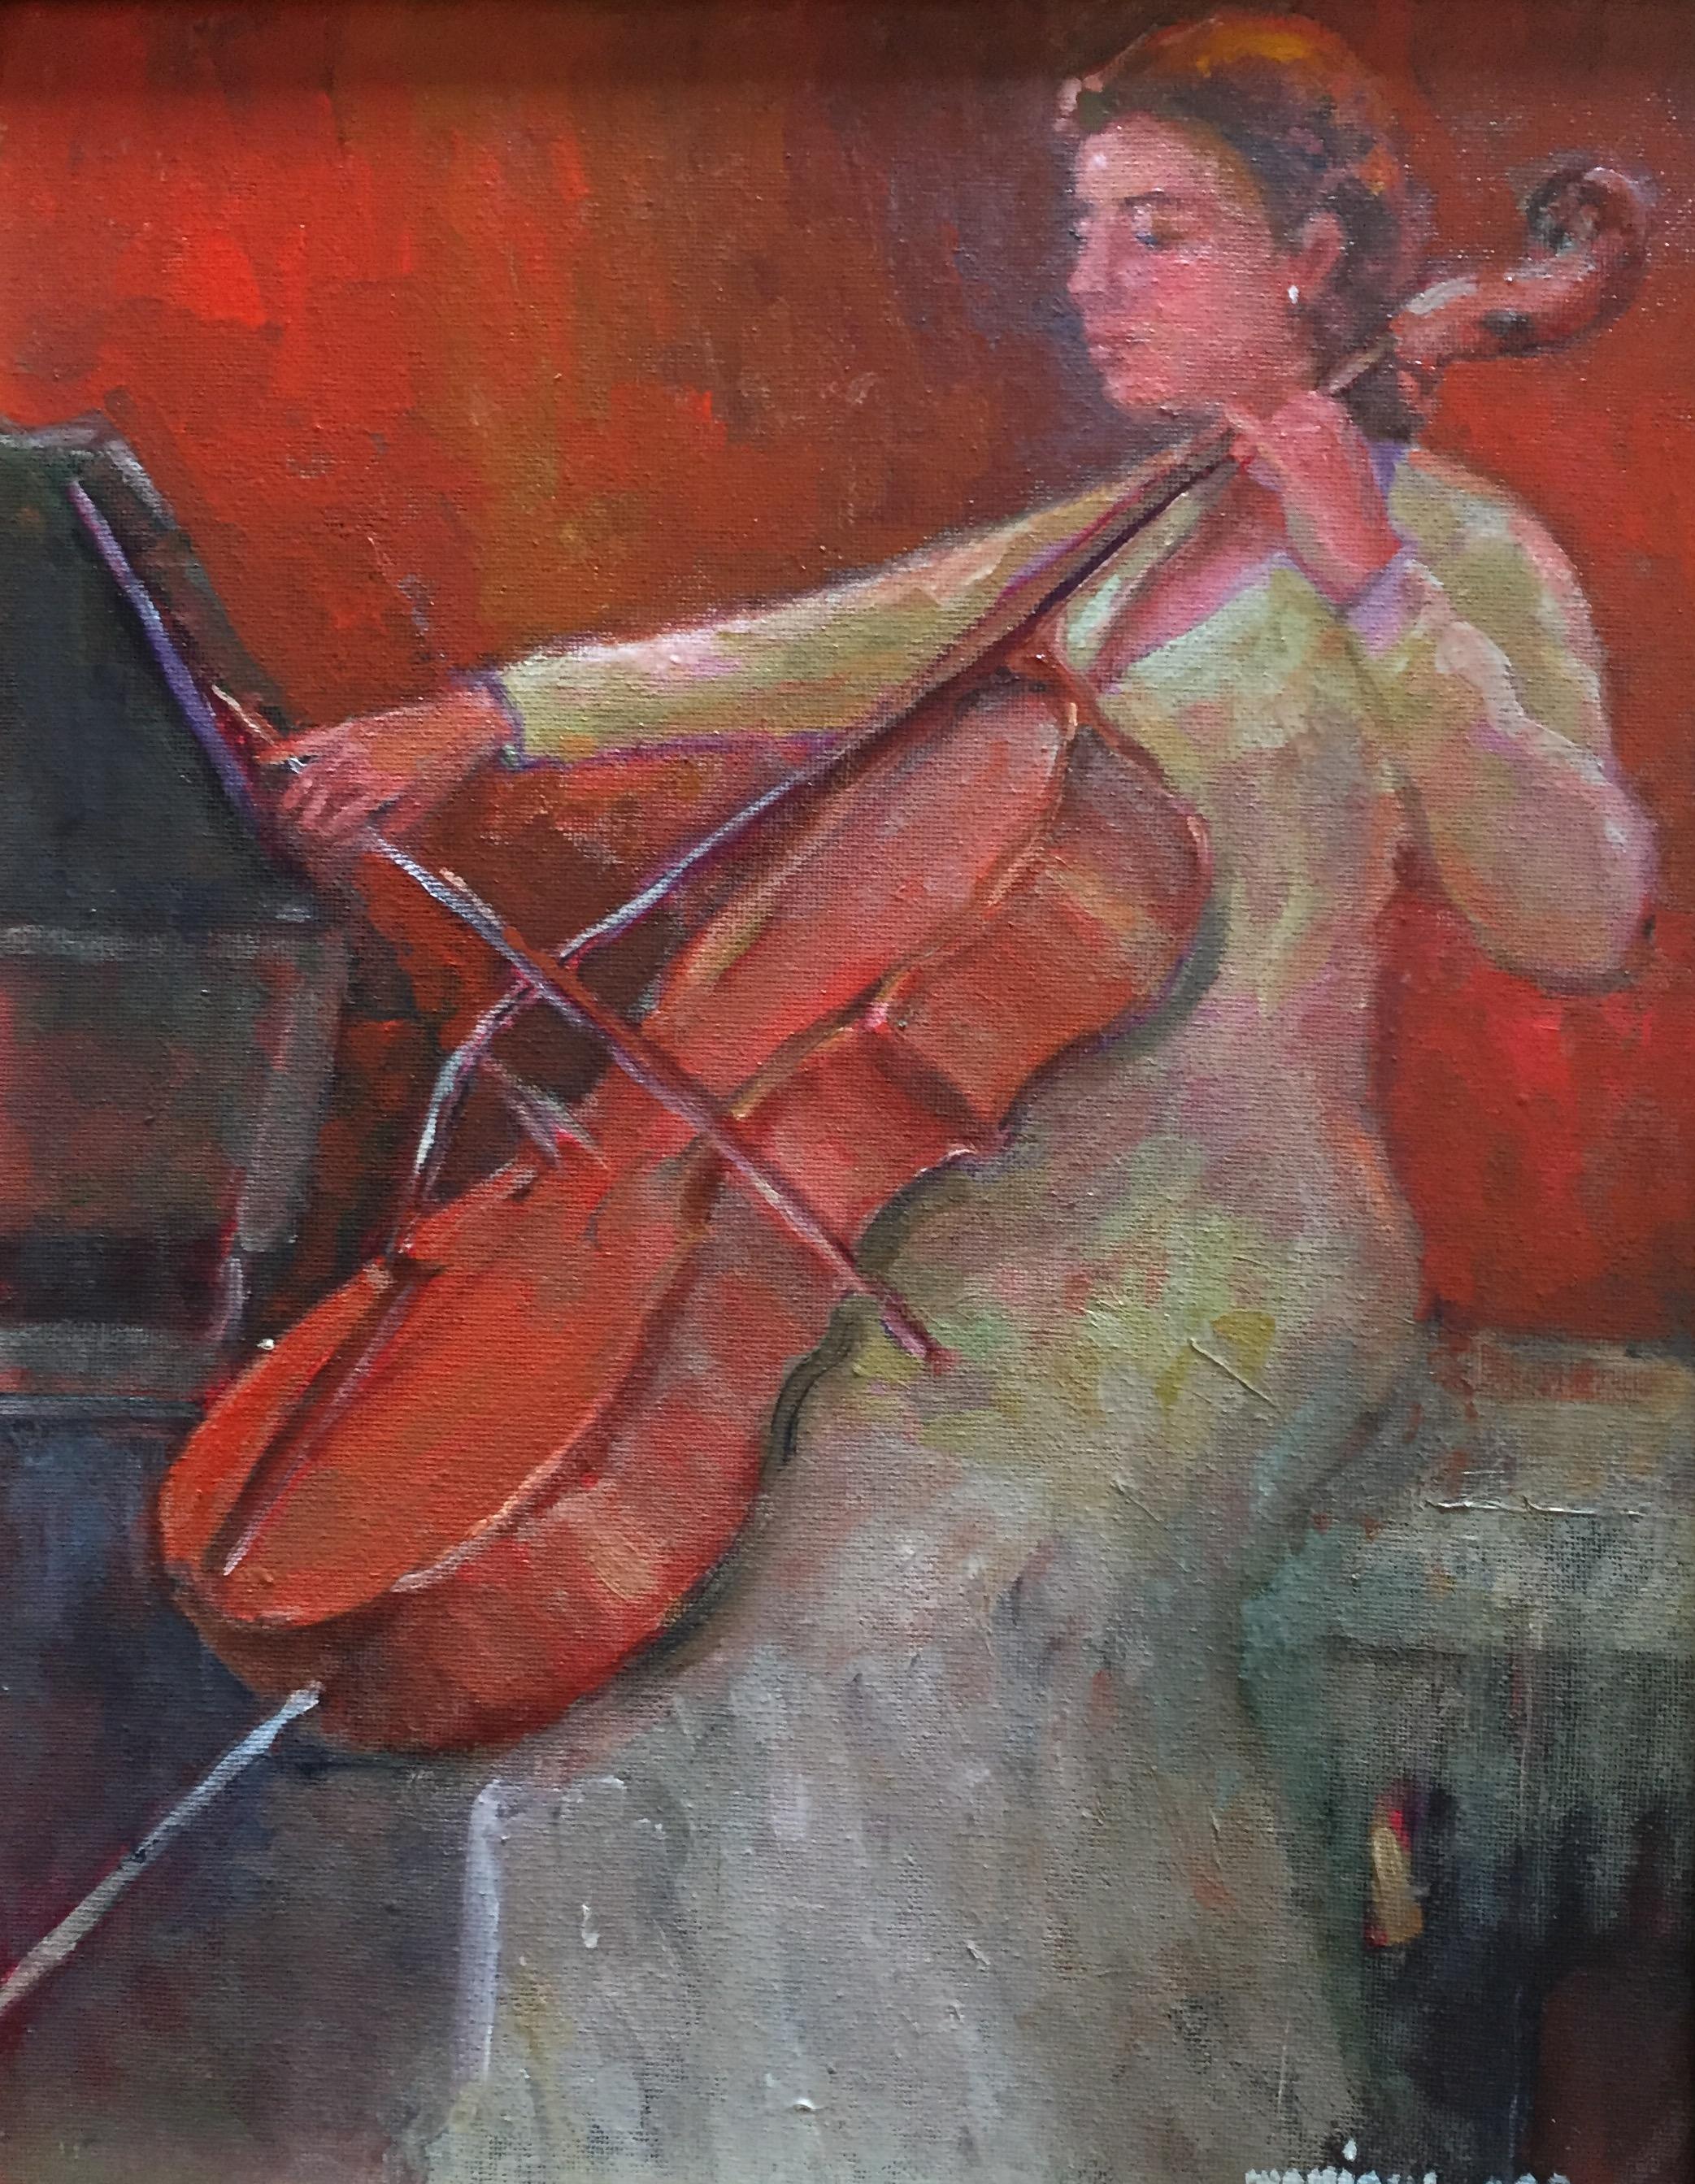 The Cellist, oil, 14 x 11, (+ frame), $985